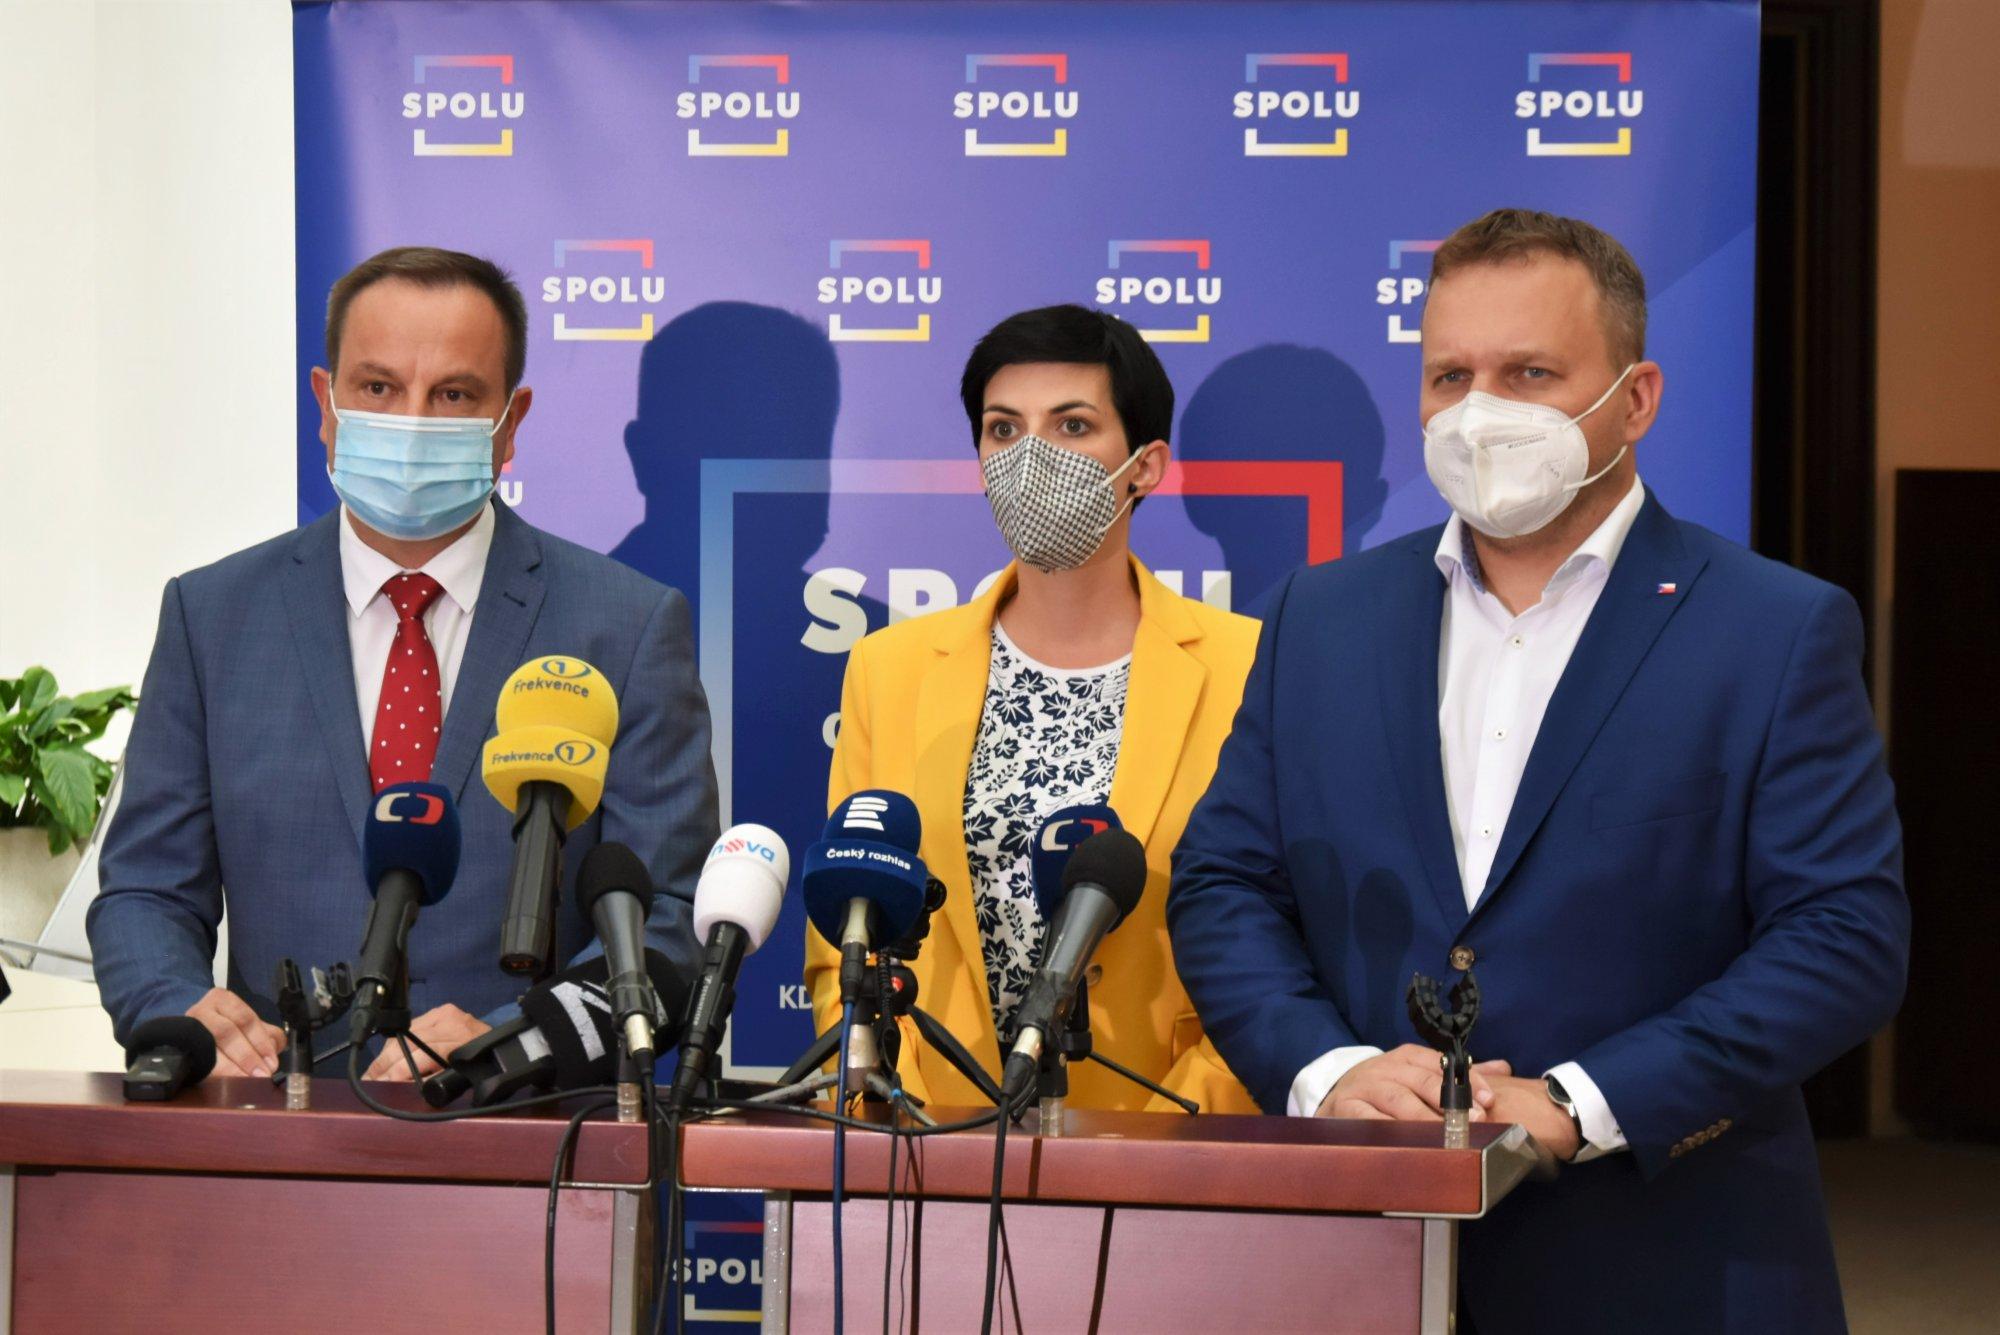 Koalice SPOLU: Důchodový systém si zaslouží řádné projednání. Lehkomyslné vládní rozhazování zaplatí naše děti a vnoučata